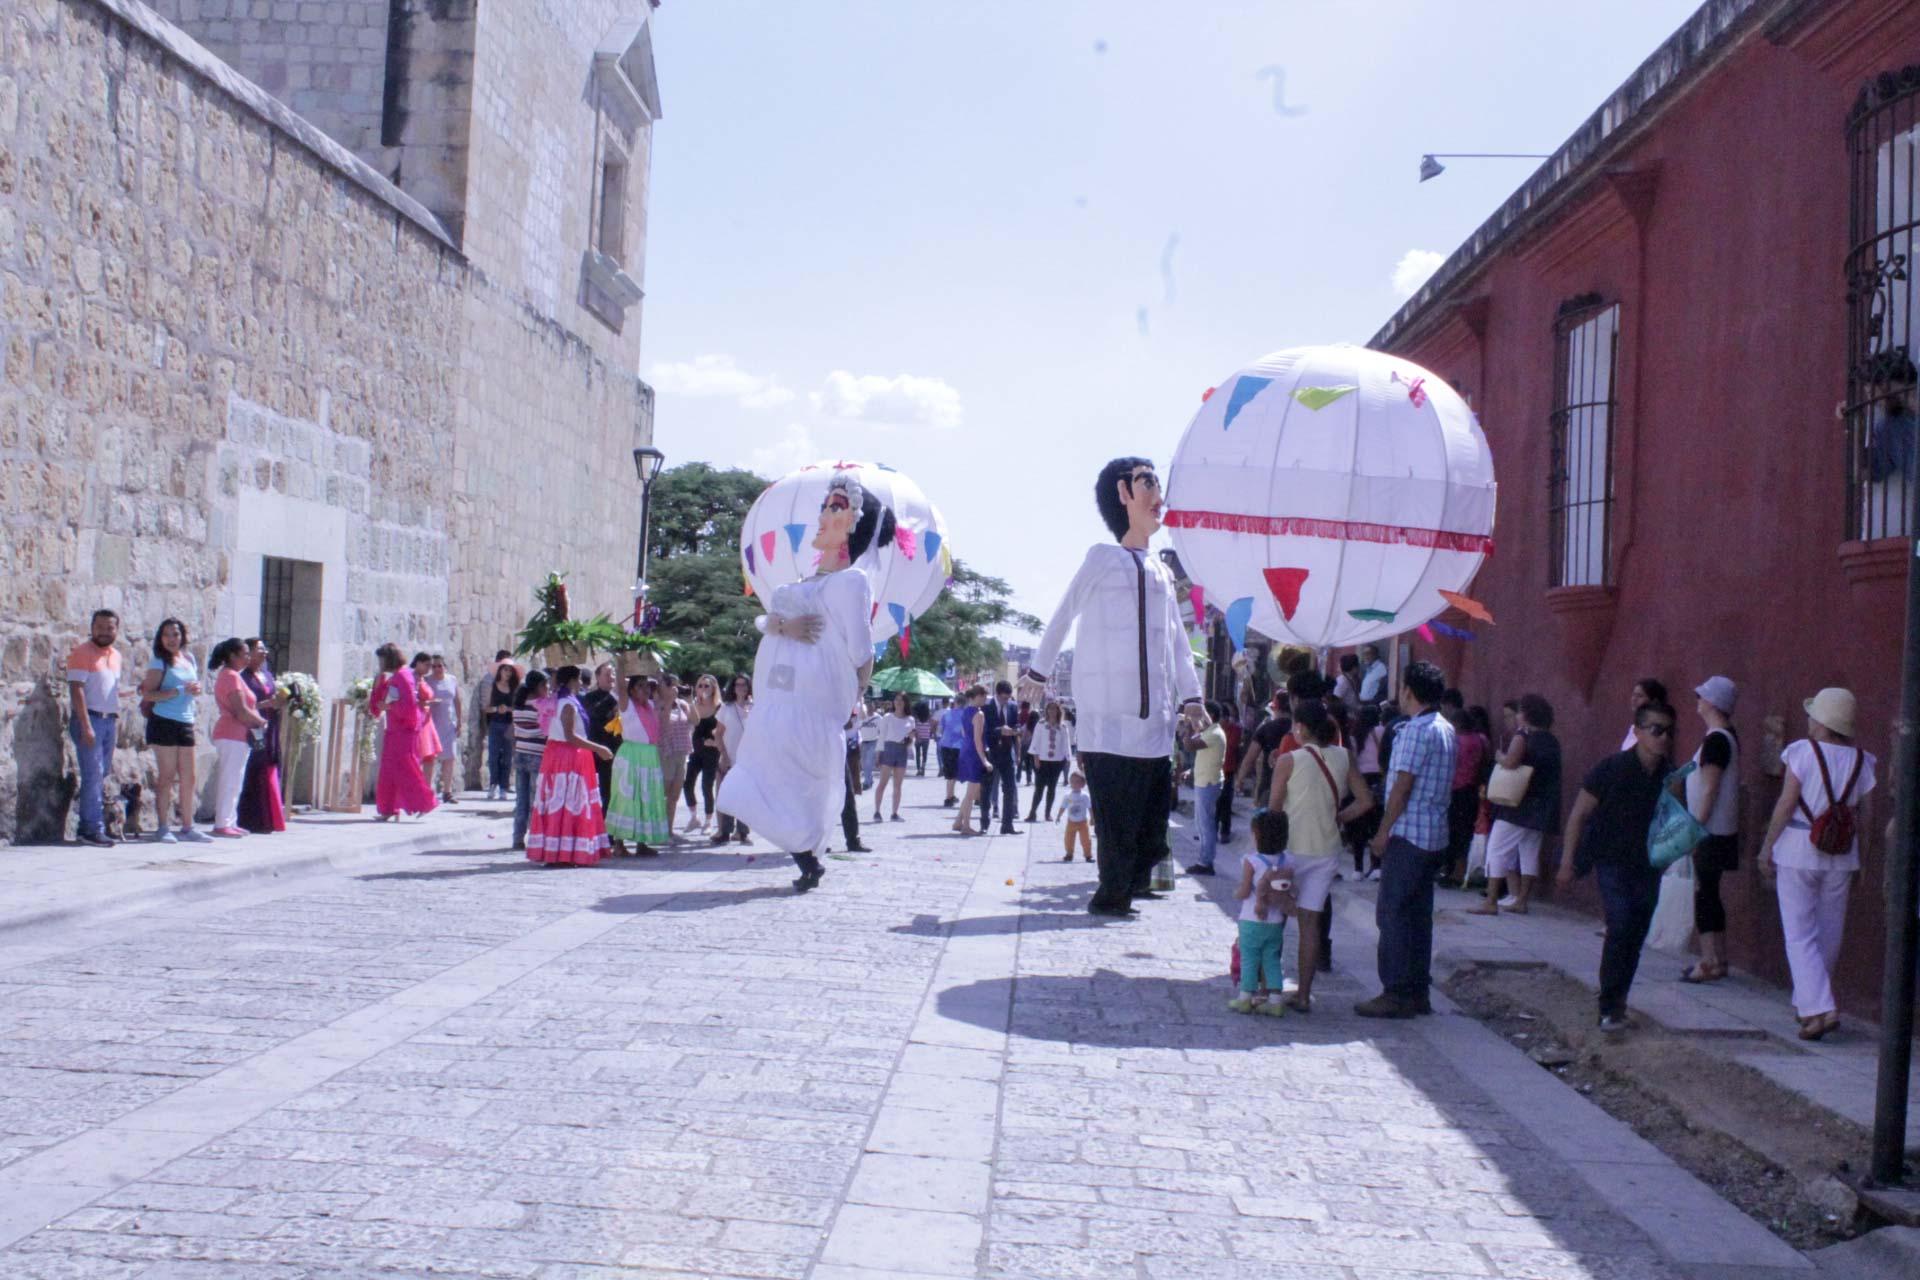 Oaxaca-11.5.17 (14 of 35).jpg